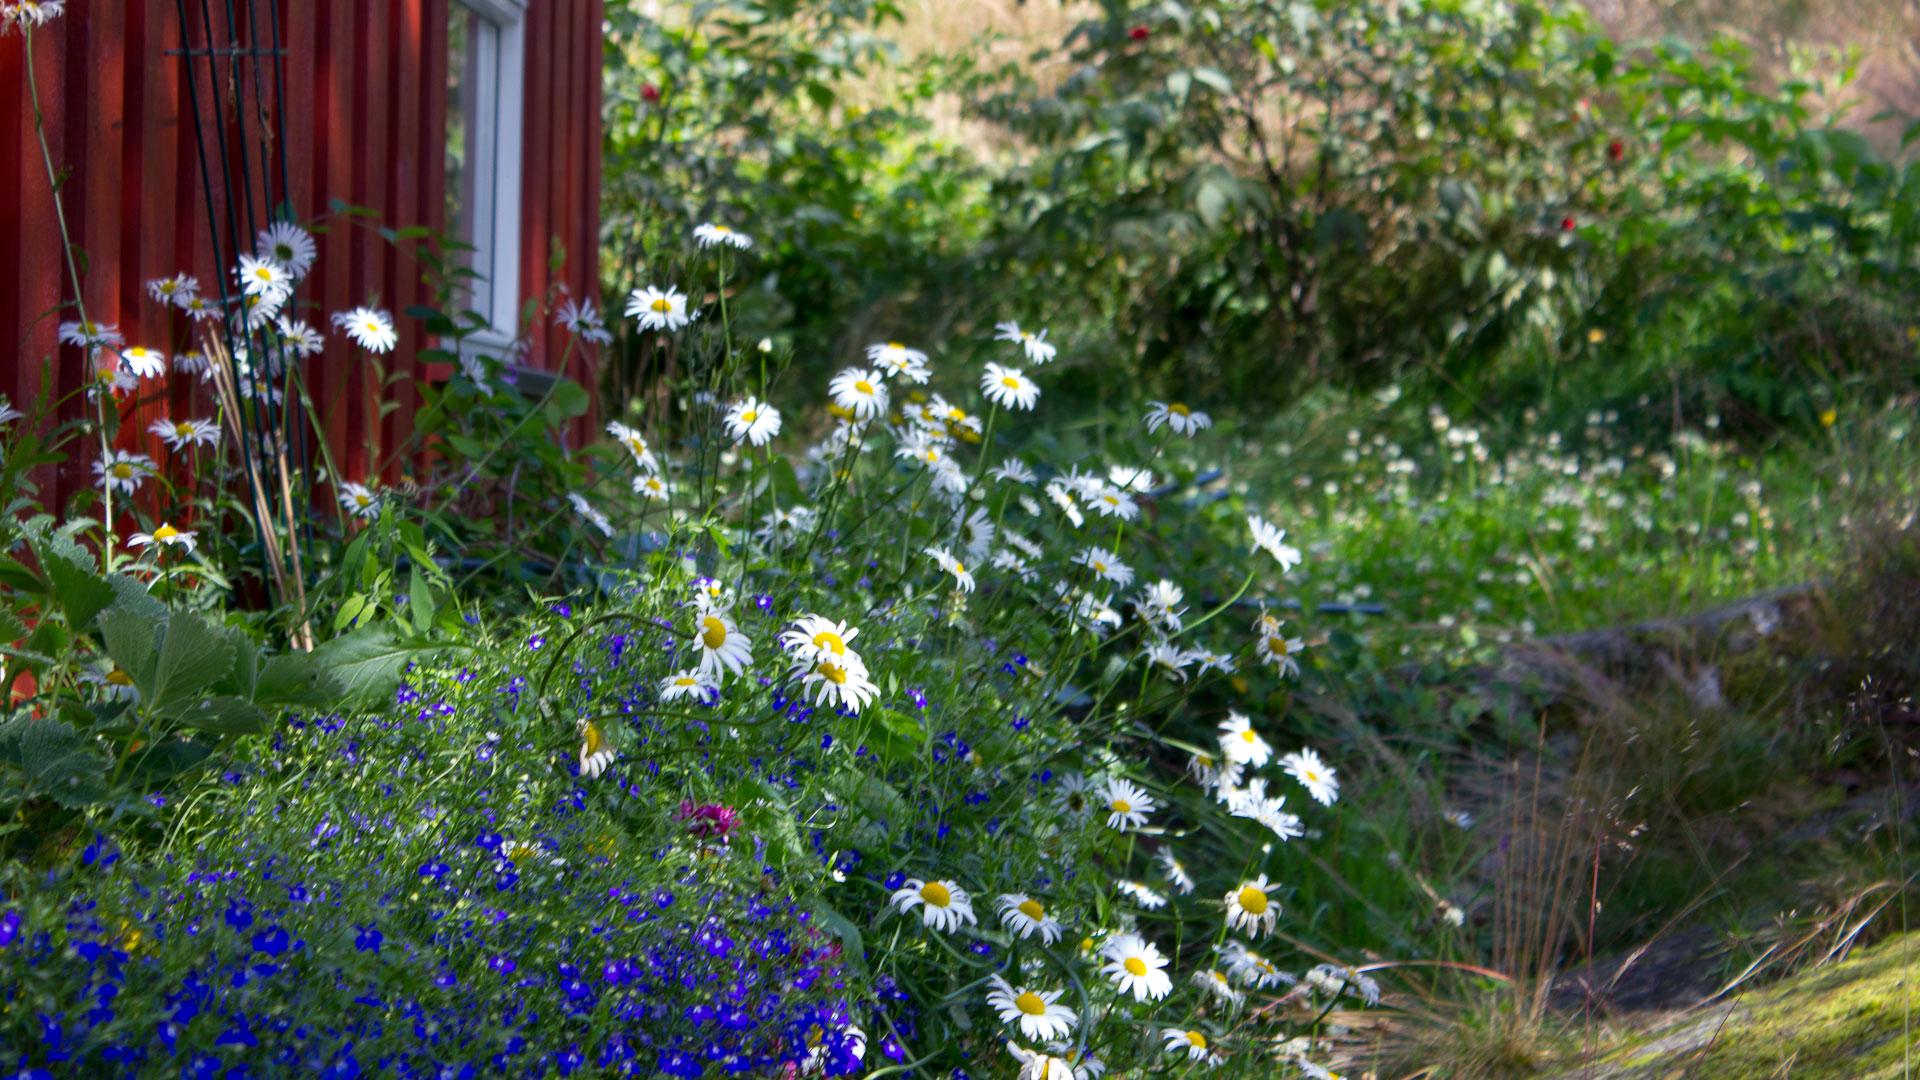 Norwegian daisies